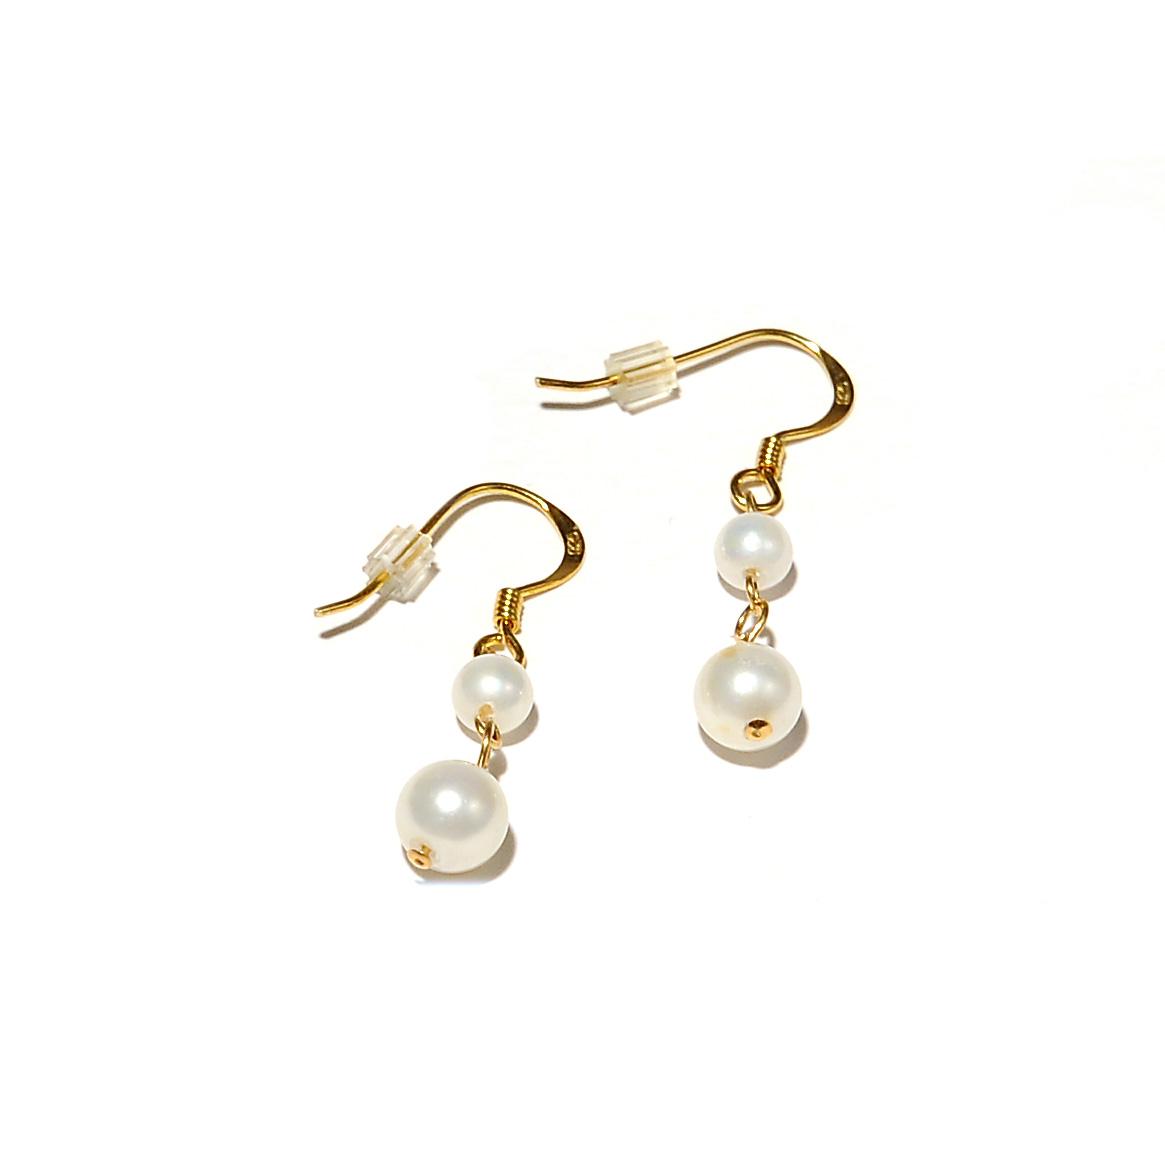 Σκουλαρίκια με χάντρες φίλντισι σε επιχρυσωμένο Ασήμι 925 – Twinsart.gr 996bb6407dd